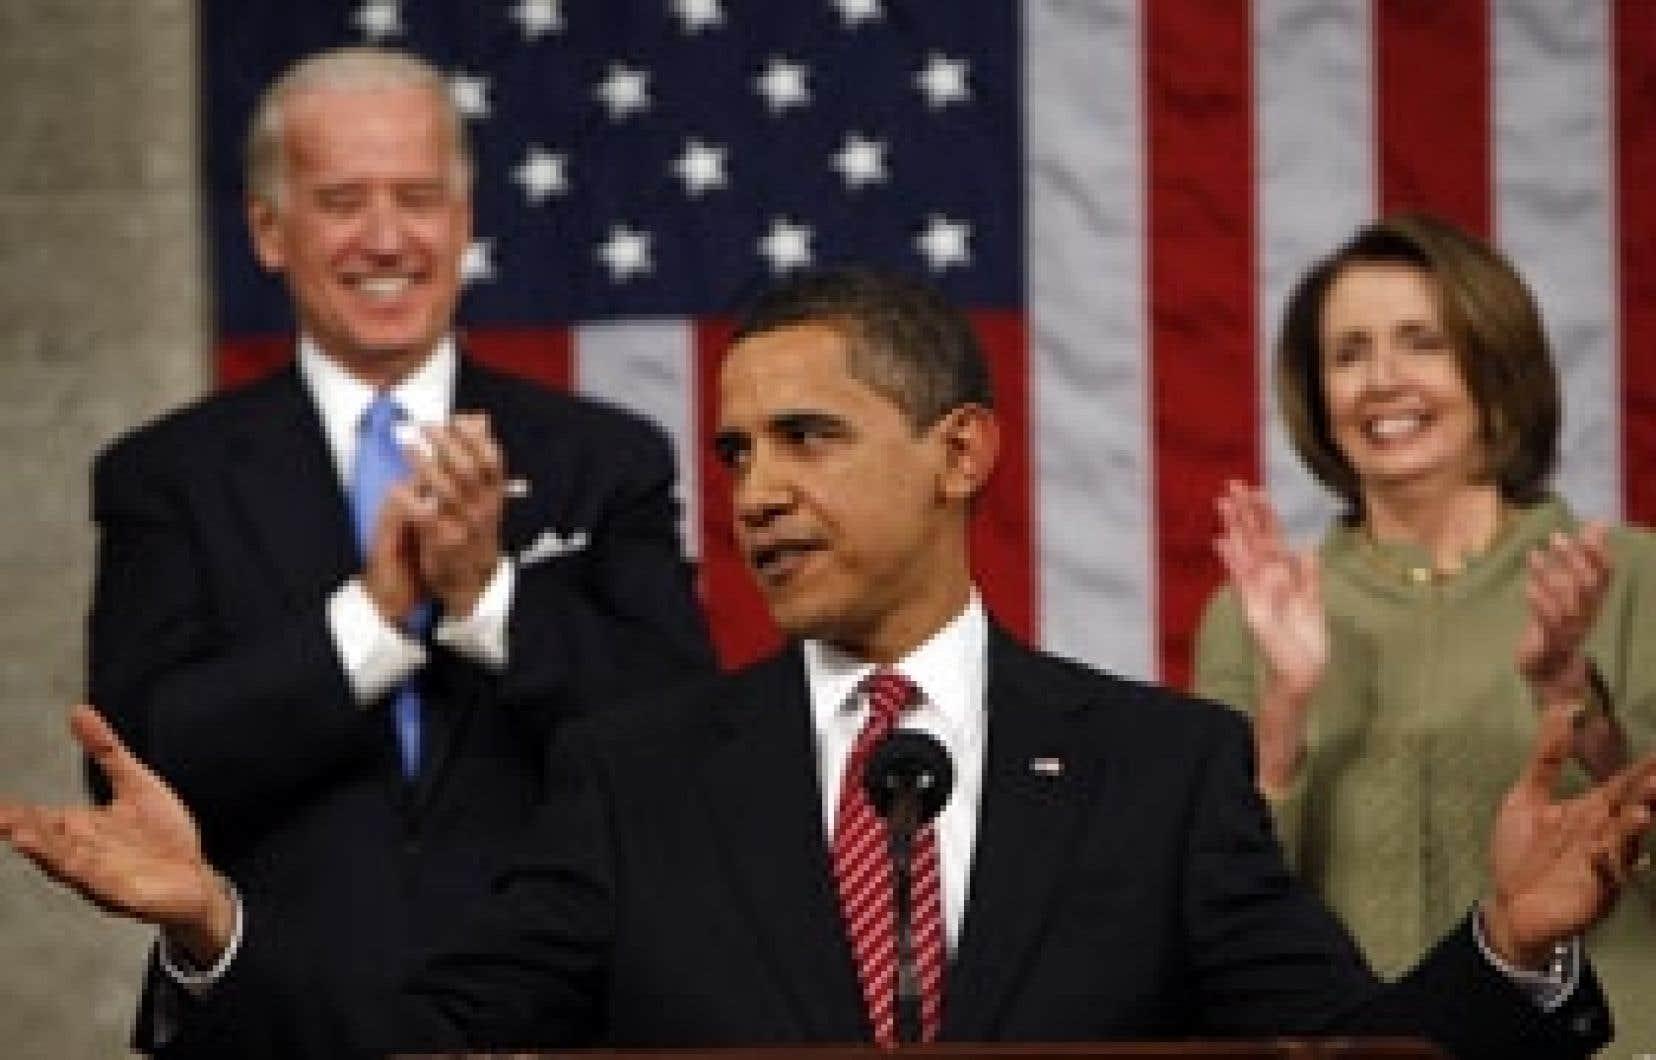 Le président américain Barack Obama applaudi par le vice-président, Joe Biden, et la présidente de la Chambre des représentants, Nancy Pelosi, au moment de s'adresser aux membres des deux chambres du Congrès, hier soir, au Capitole, à Washington